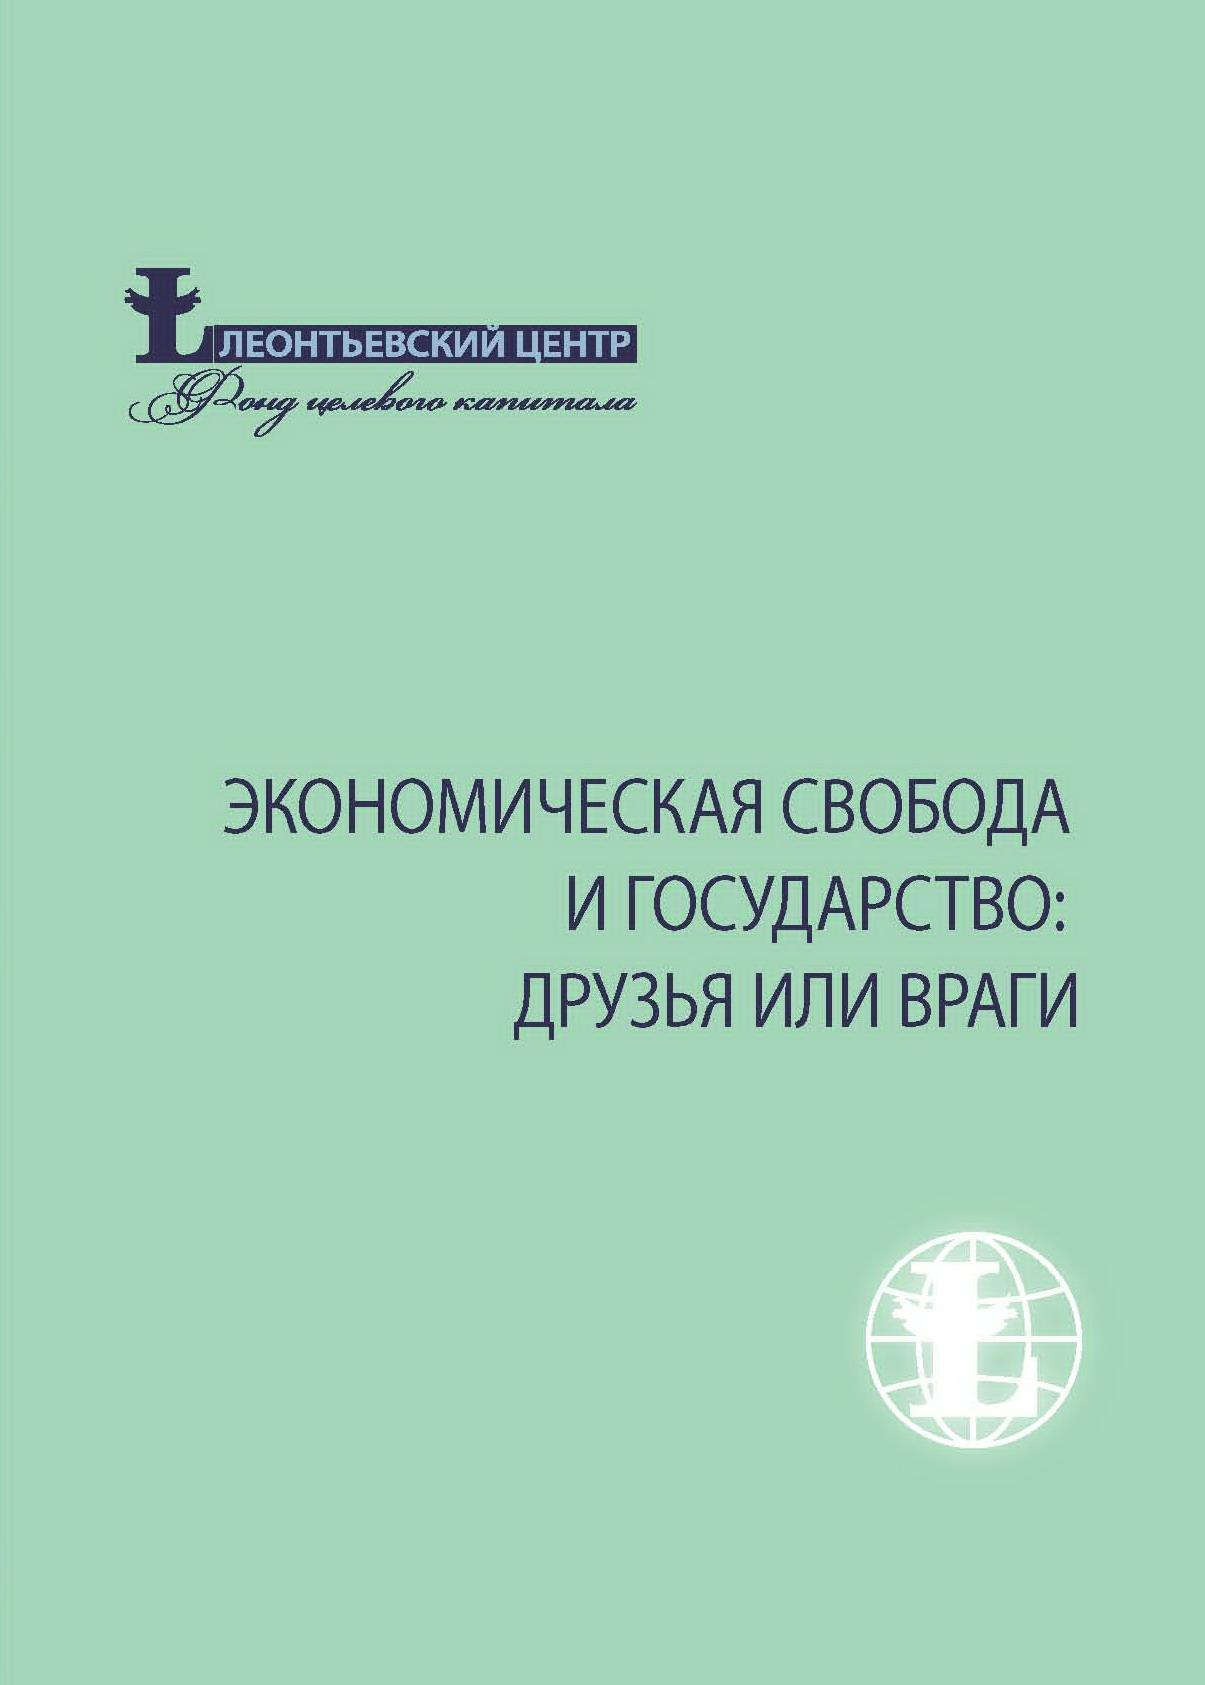 Политическая экономия российской вертикали власти.